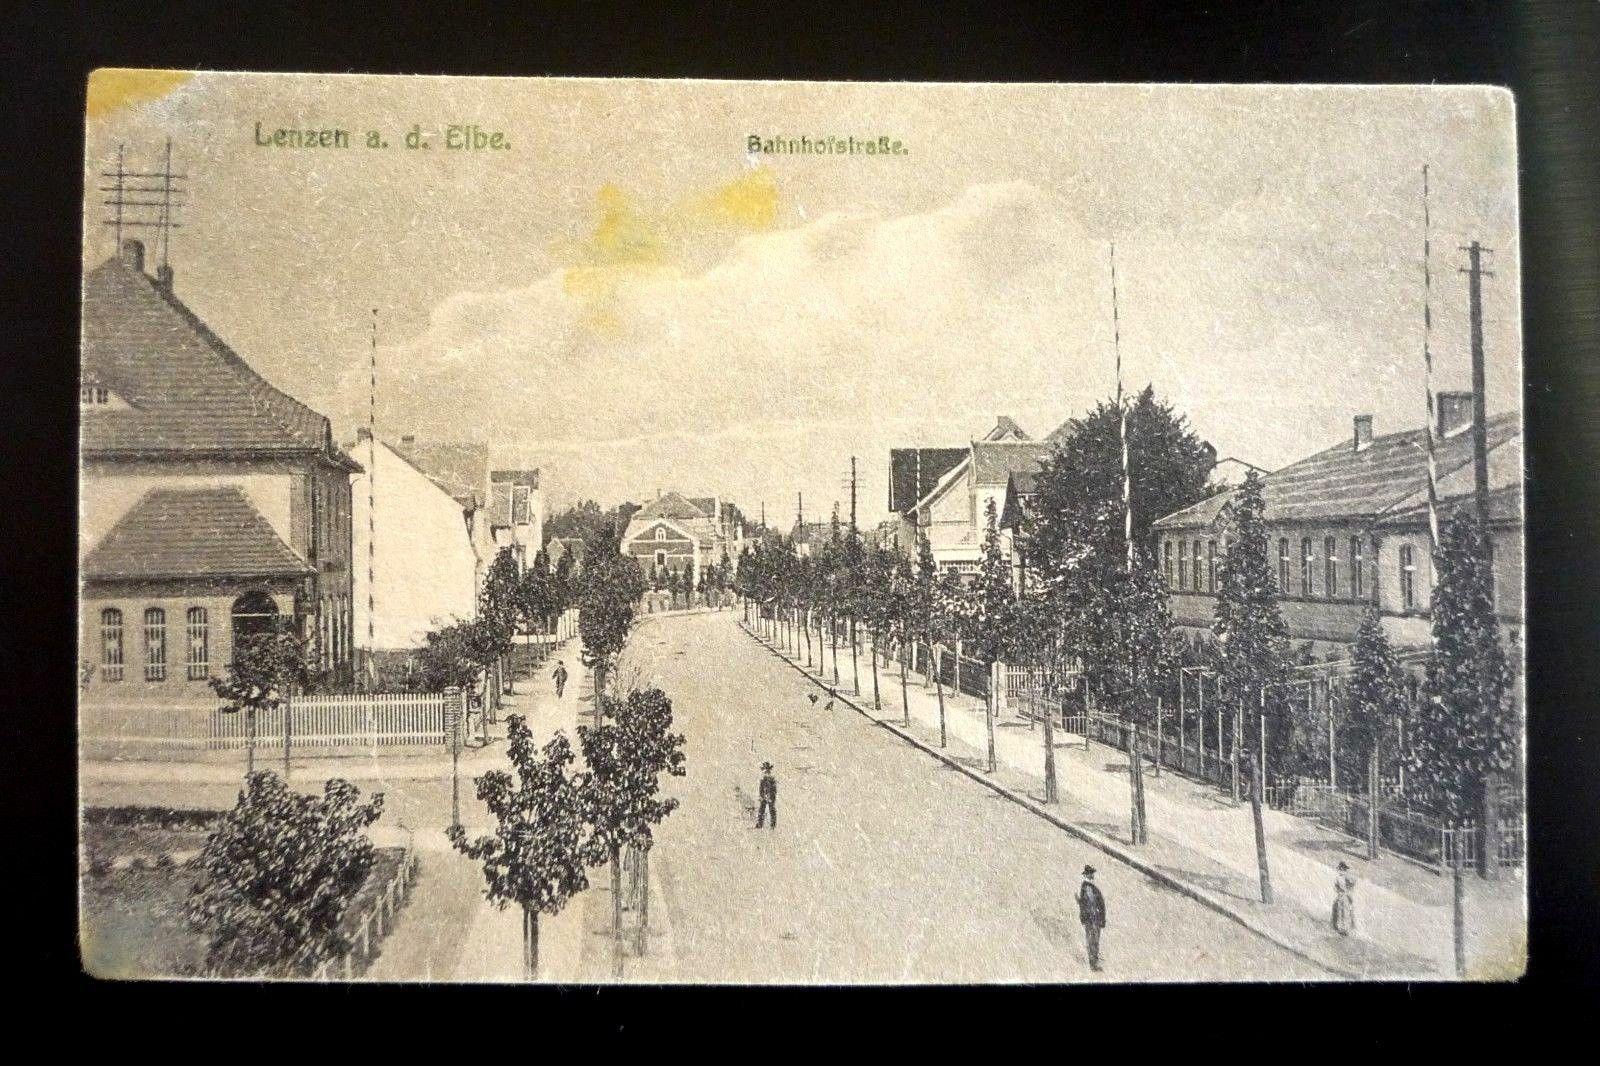 Lenzen-ad-Elbe-1923